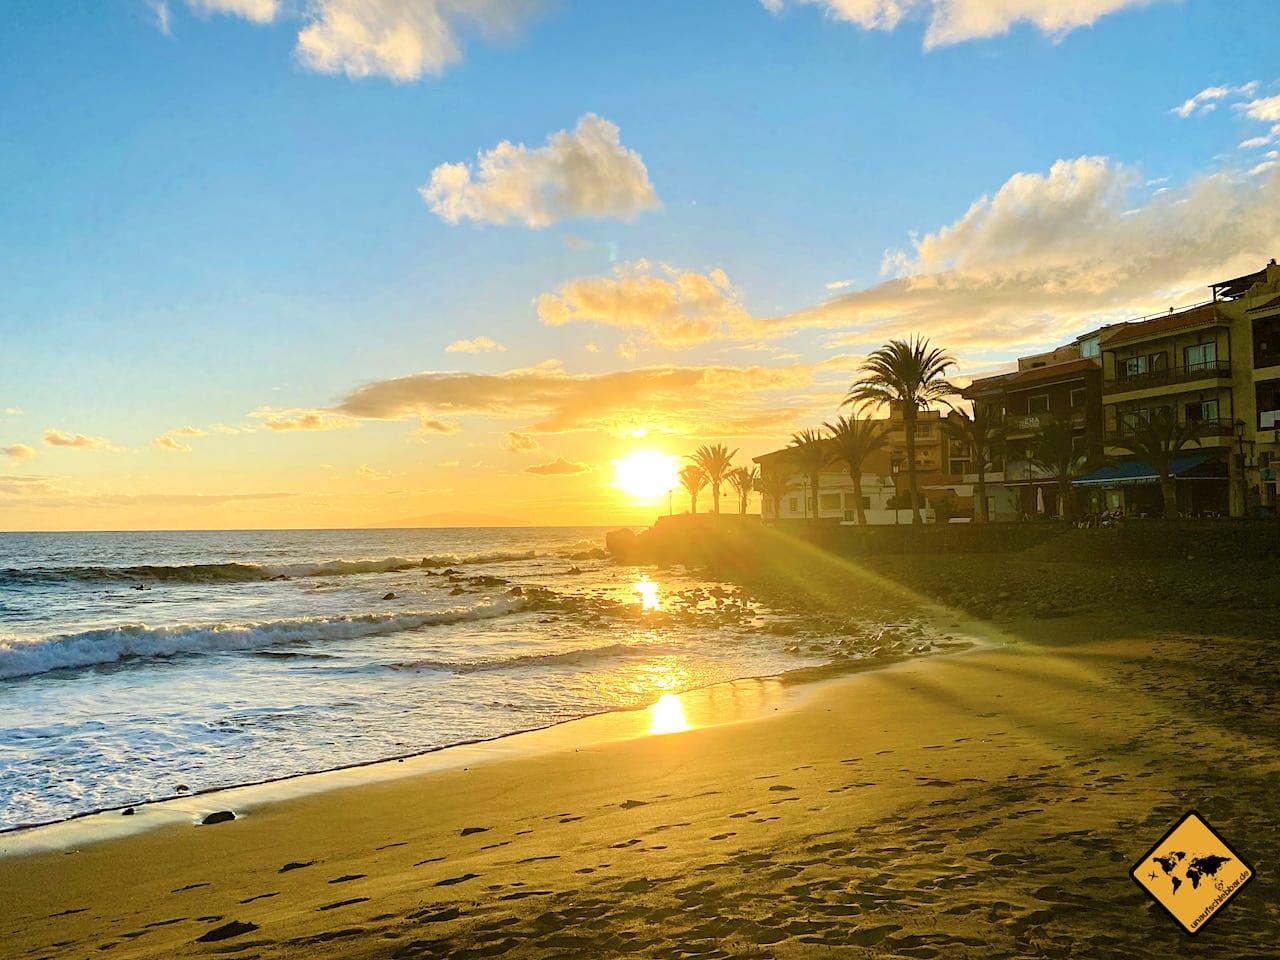 Valle Gran Rey Sonnenuntergang Playa Calera